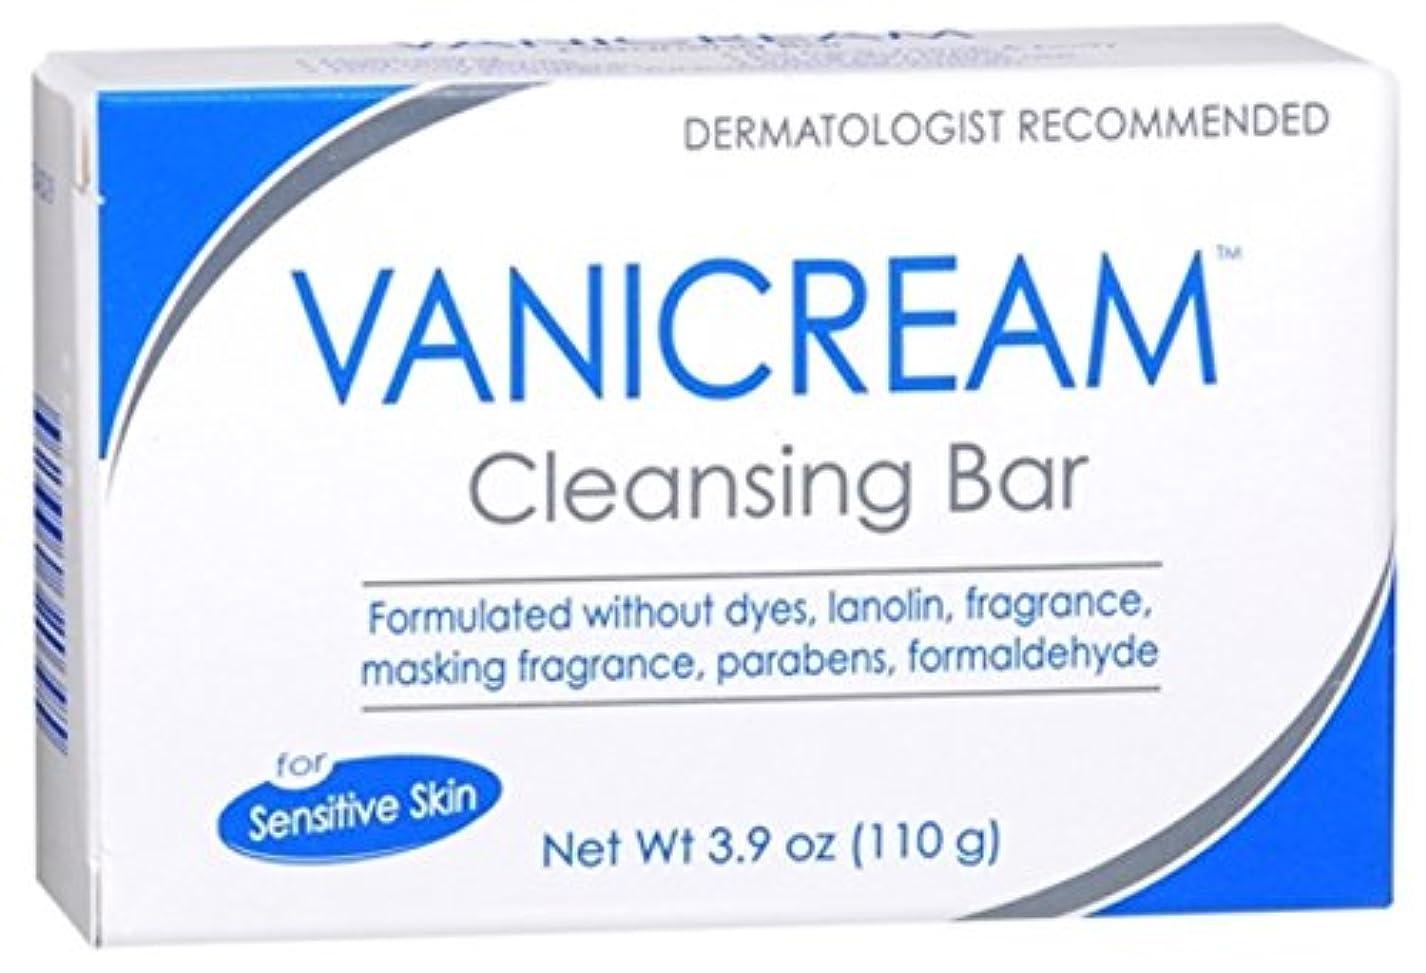 間欠ますます博覧会Vanicream 敏感肌用クレンジングバー、3.9オズパーバー(4つのバー)